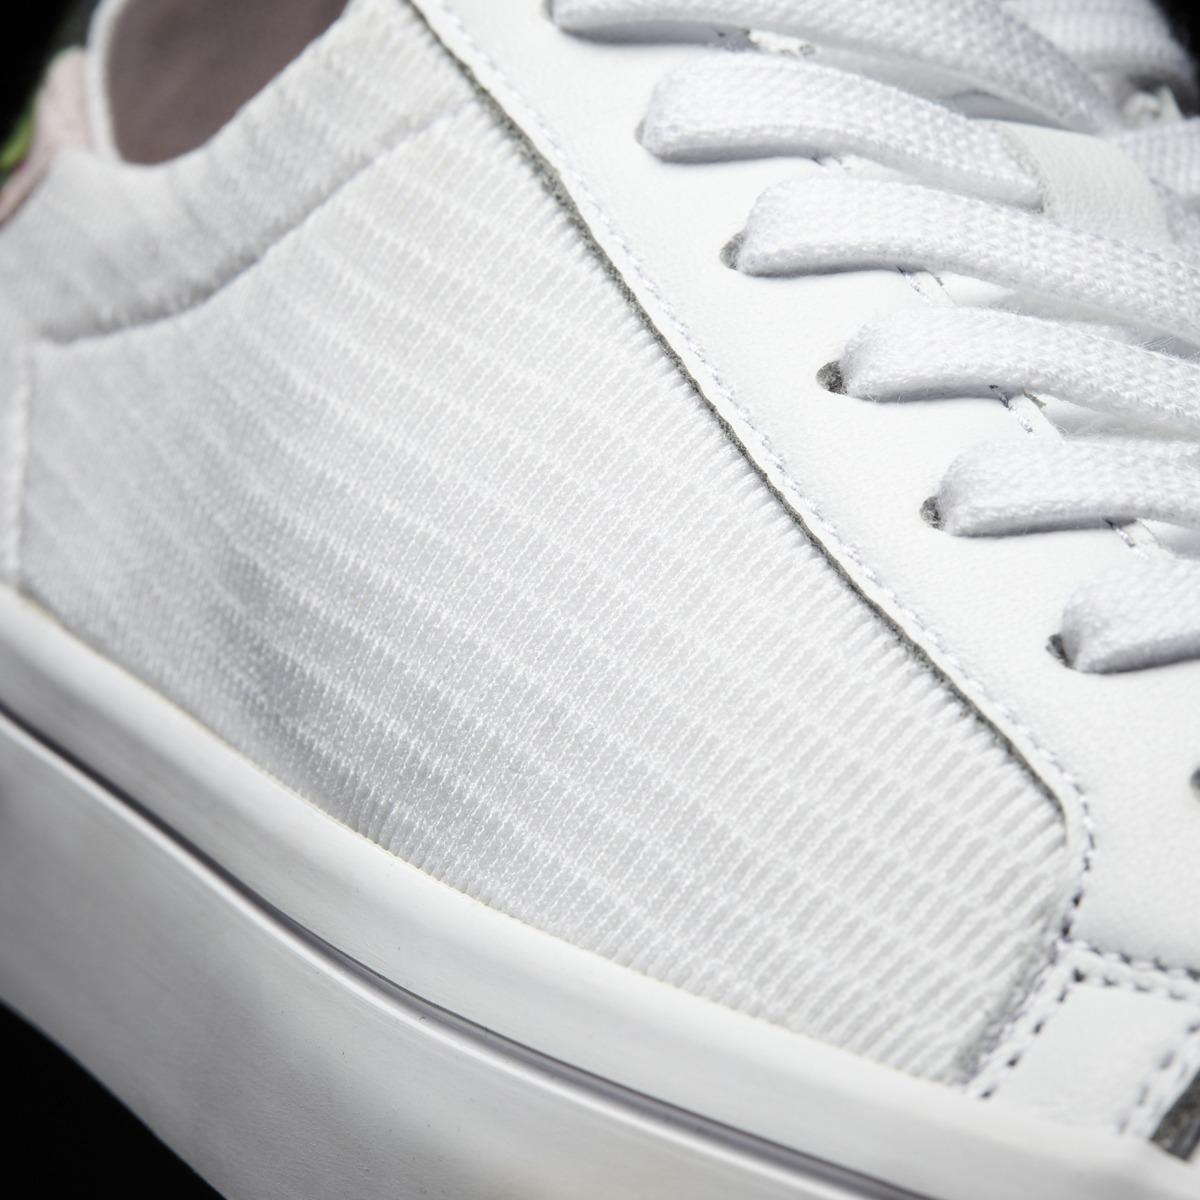 Zapatillas adidas Originals Moda Courtvantage W Mujer Blcr